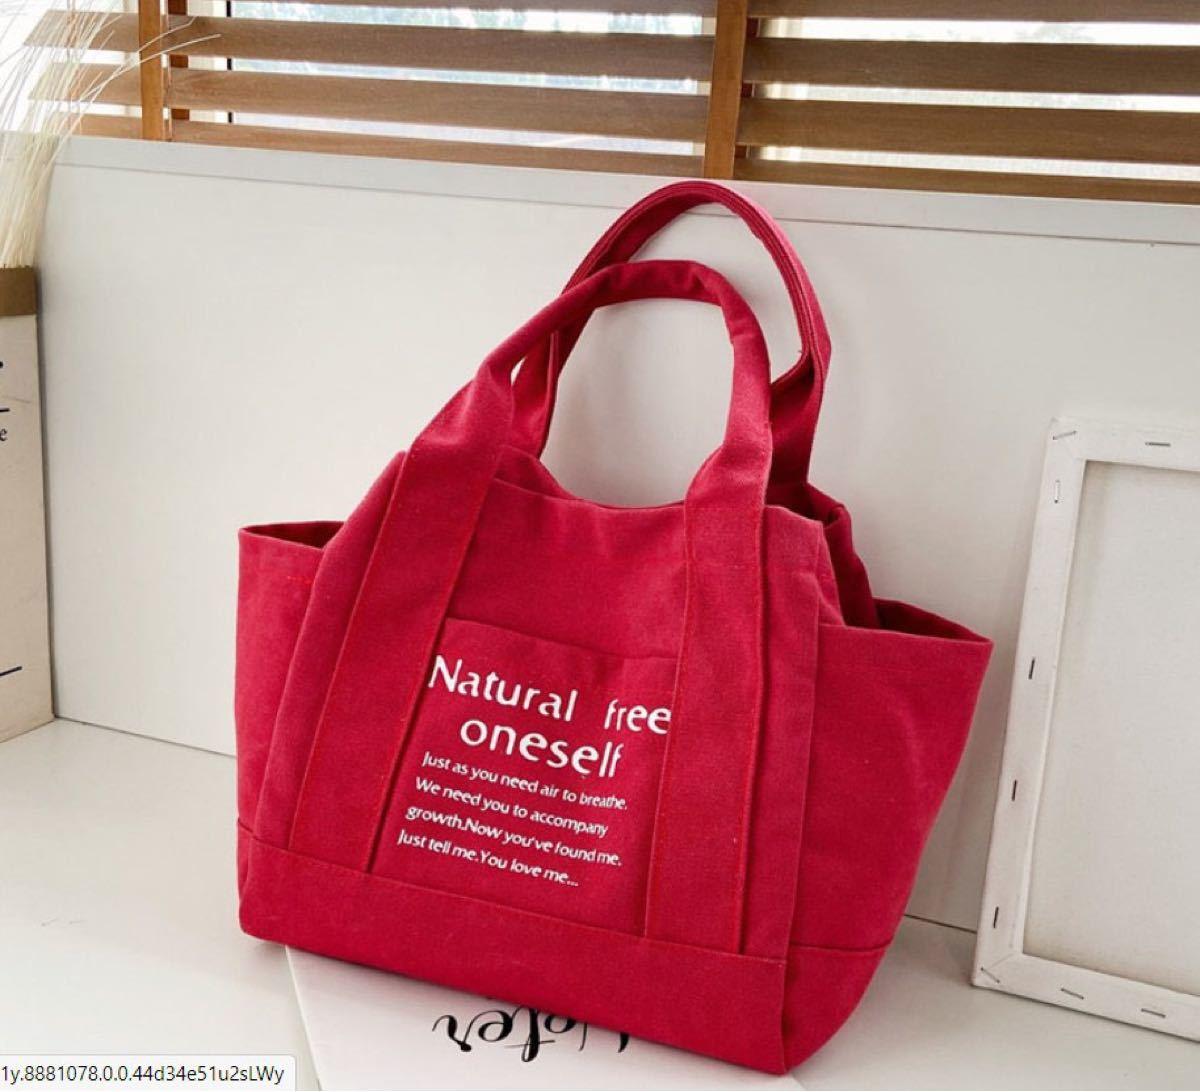 トートバッグ キャンバス iPad 帆布トートバッグ A4サイズ ショルダー レッド 大容量 マザーズバッグ おしゃれ 人気